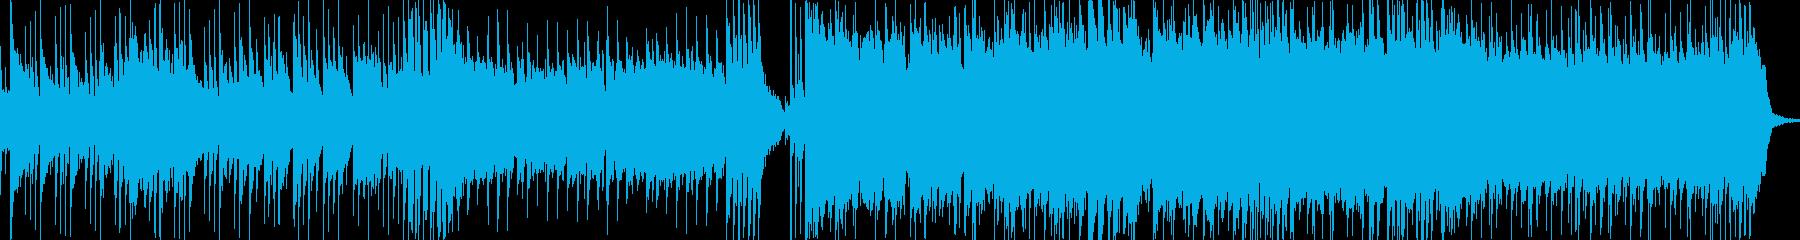 和風なキャラの登場BGMの再生済みの波形